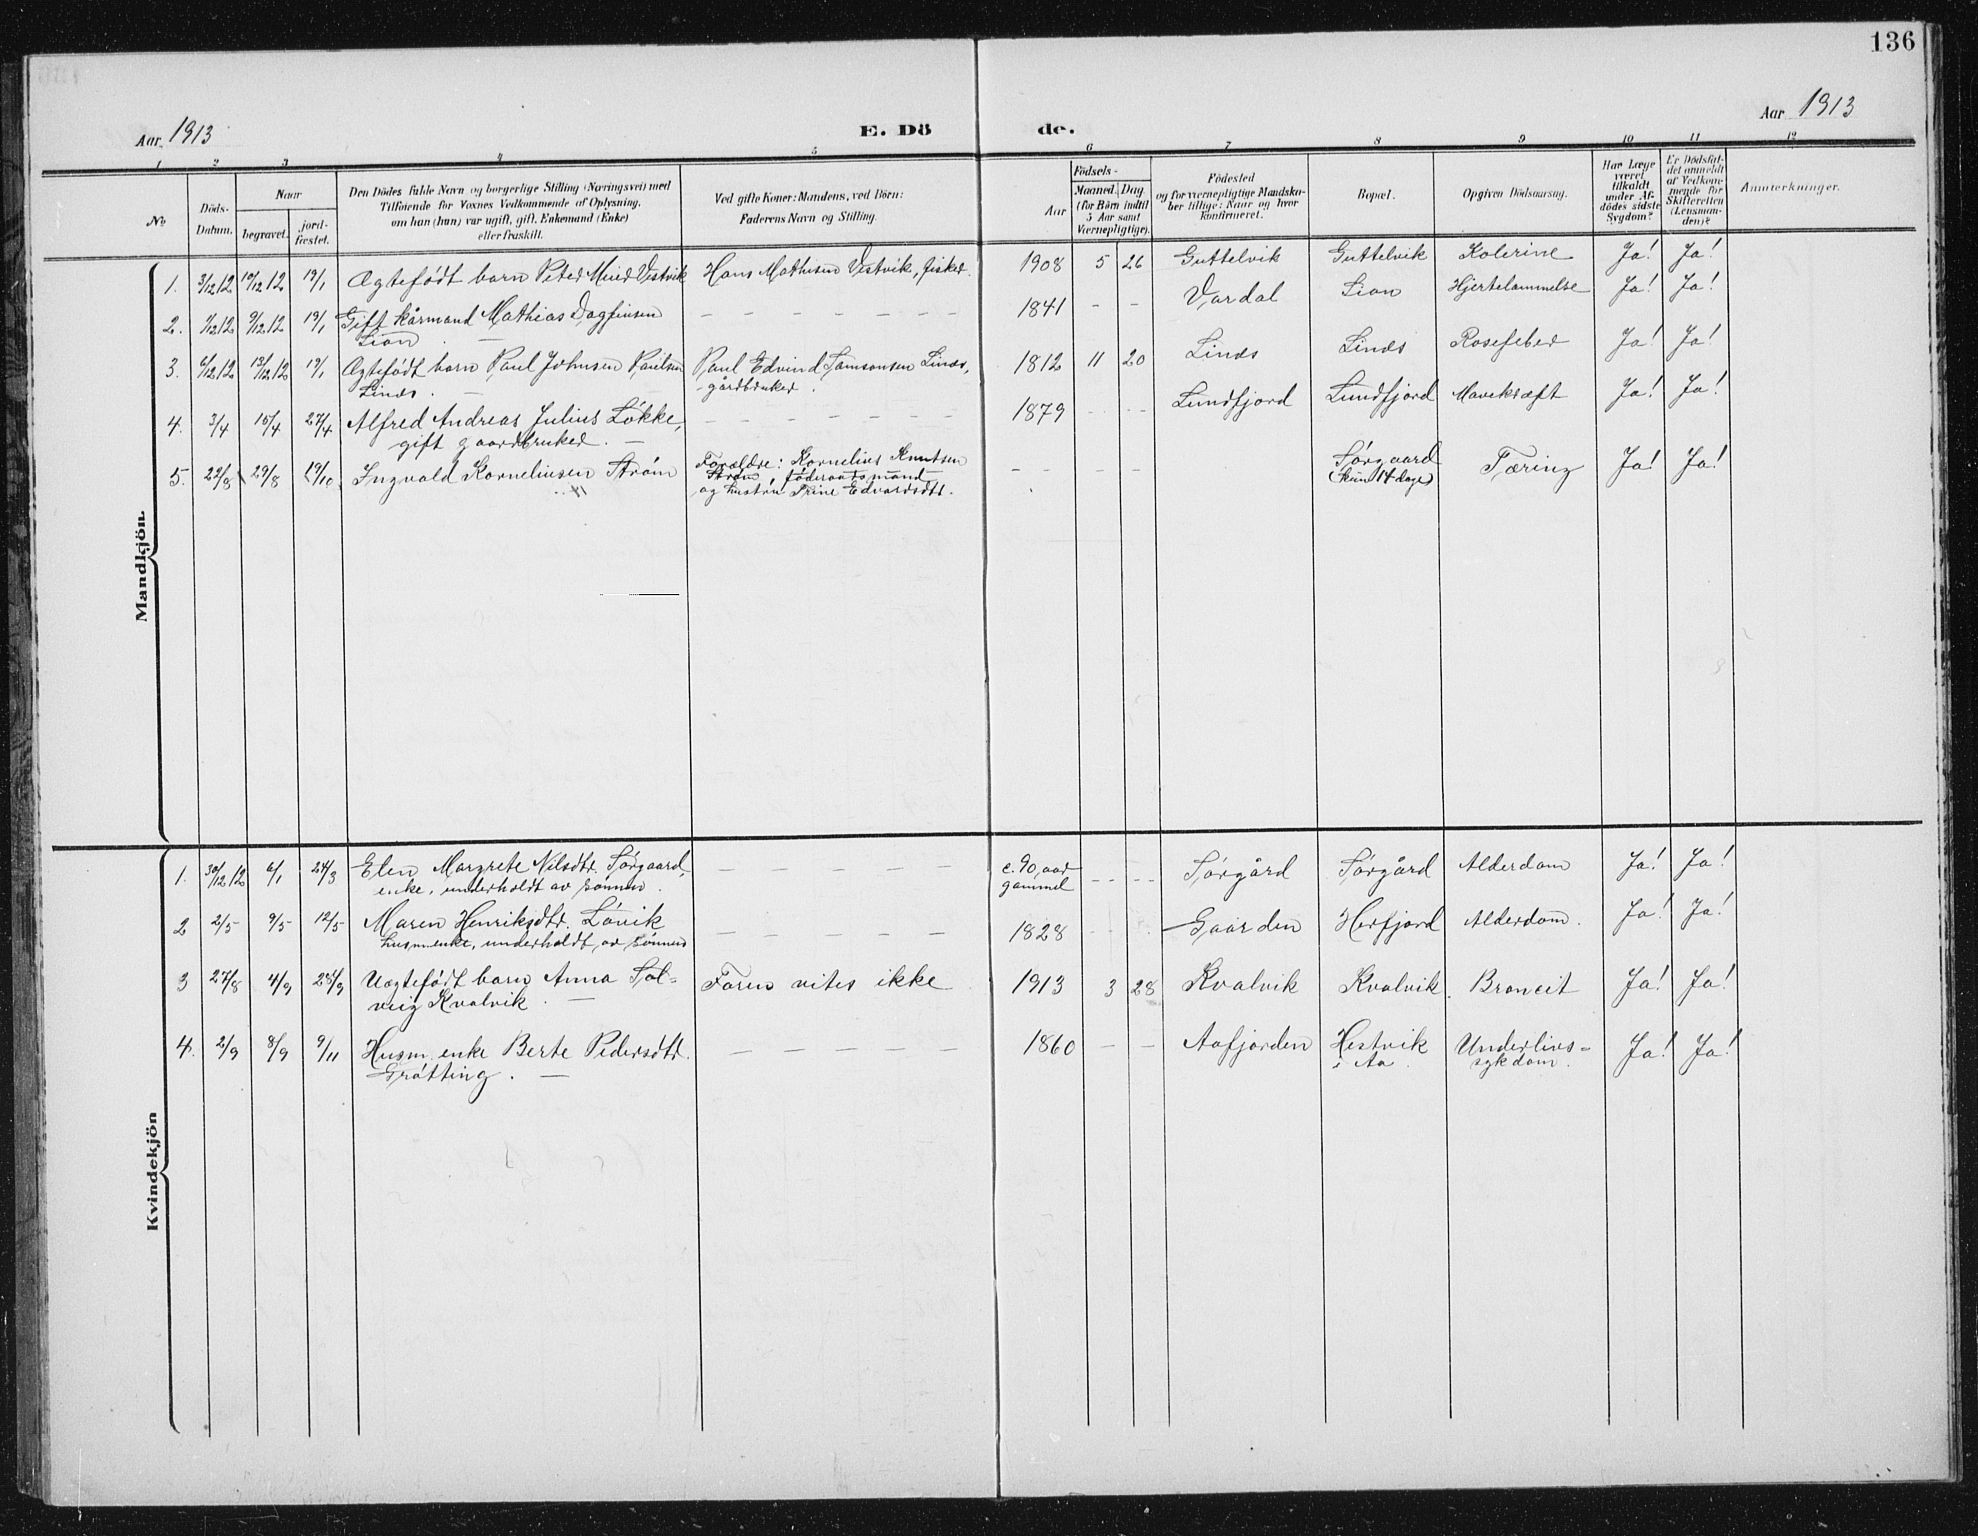 SAT, Ministerialprotokoller, klokkerbøker og fødselsregistre - Sør-Trøndelag, 656/L0699: Klokkerbok nr. 656C05, 1905-1920, s. 136